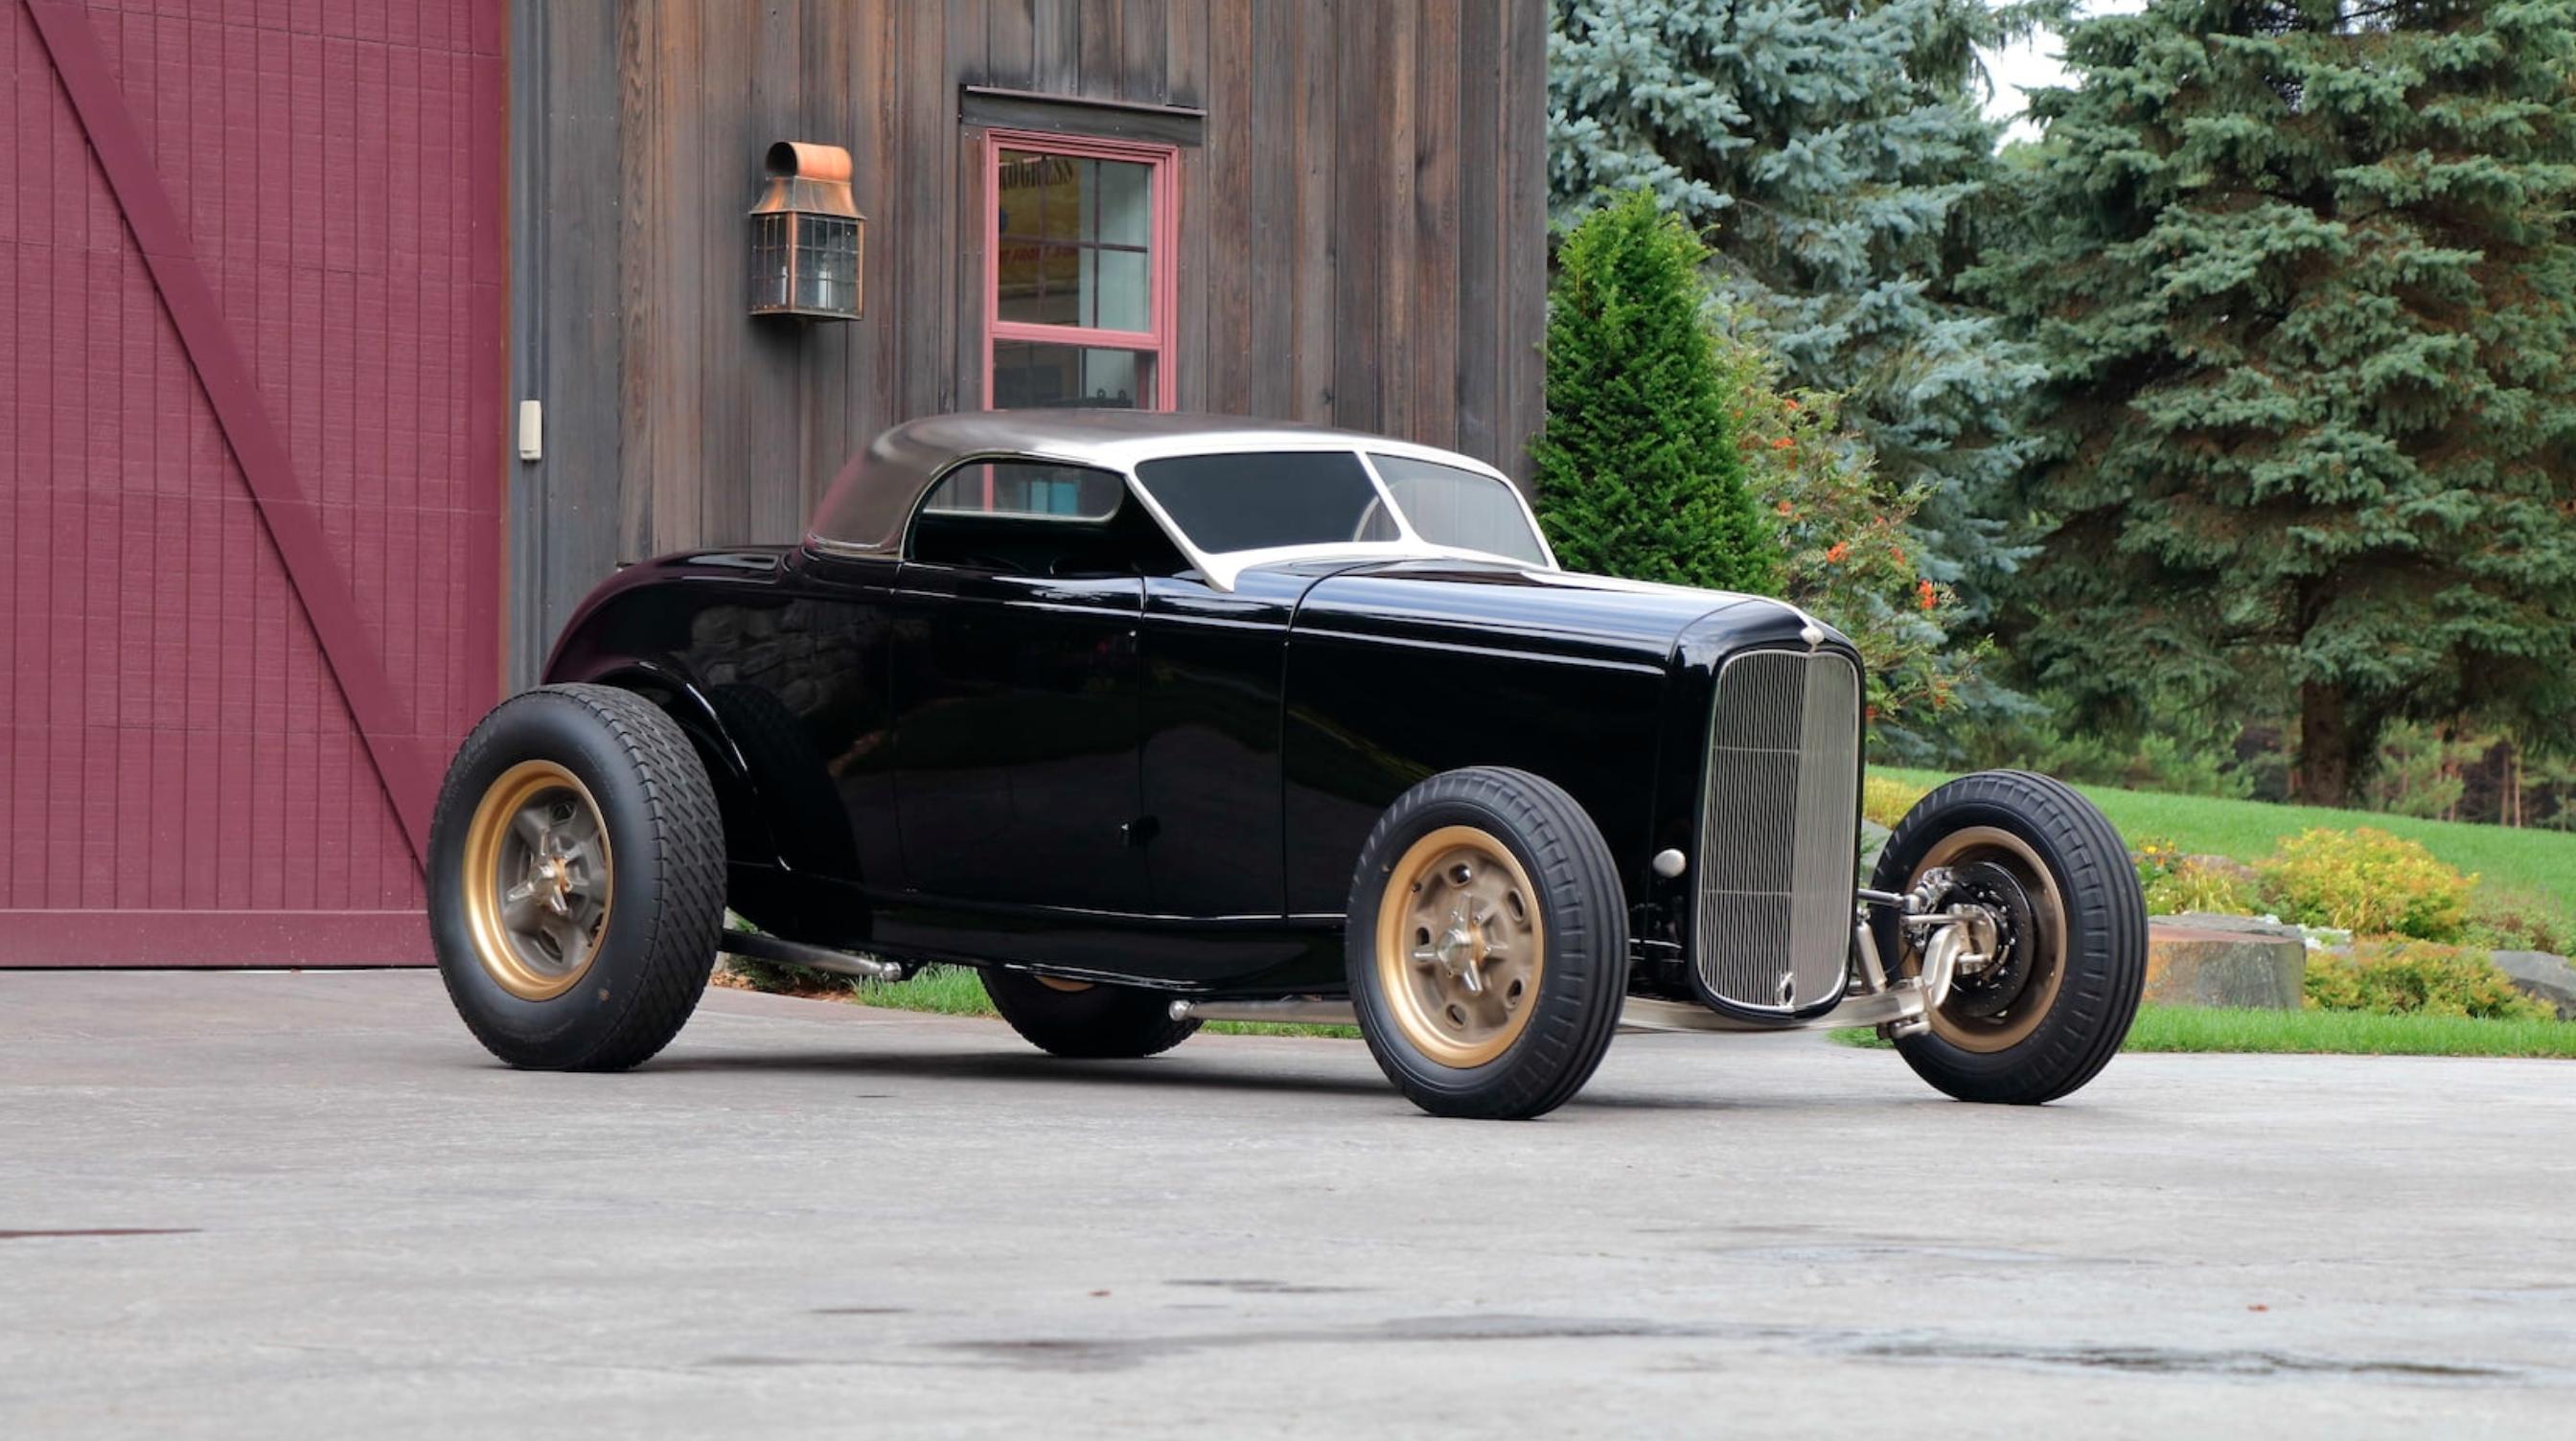 Triple Nickel 1932 Ford Roadster